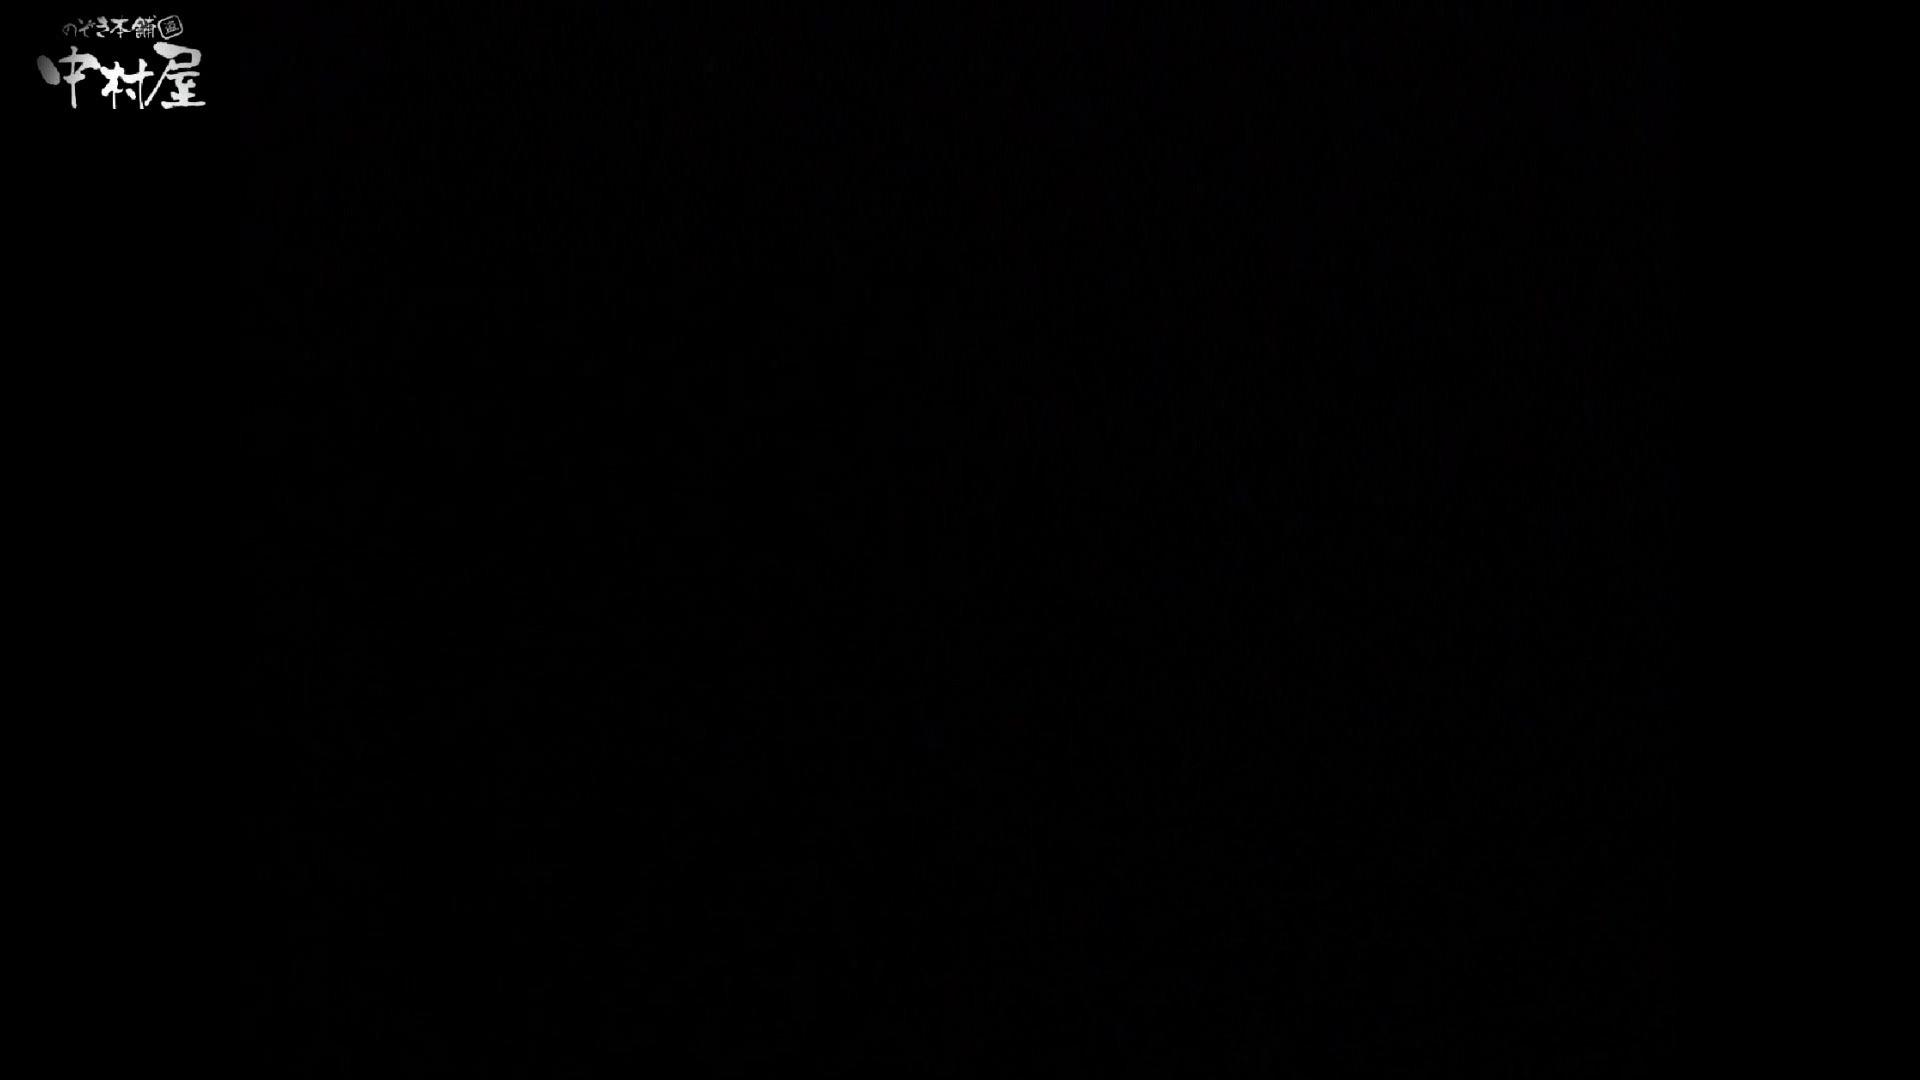 民家風呂専門盗撮師の超危険映像 vol.018 美女ヌード   美少女ヌード  62画像 7